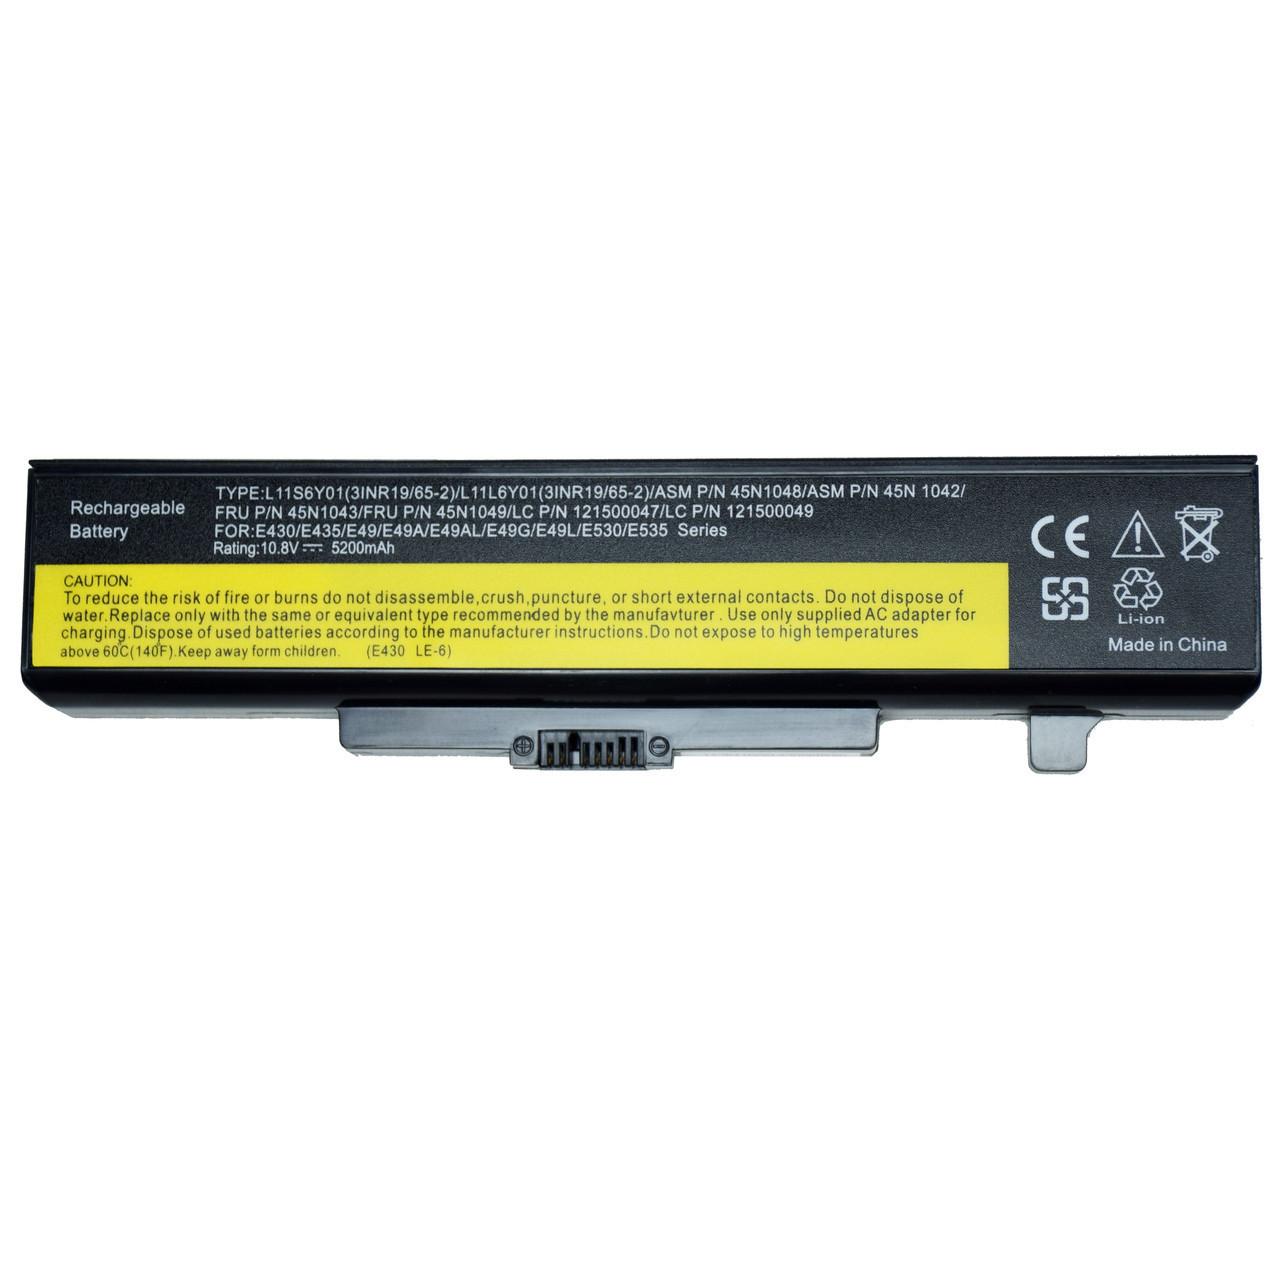 Батарея для ноутбука LENOVO 45N1050 45N1051 45N1052 45N1053 45N1054 121500047 121500048 121500049 121500050